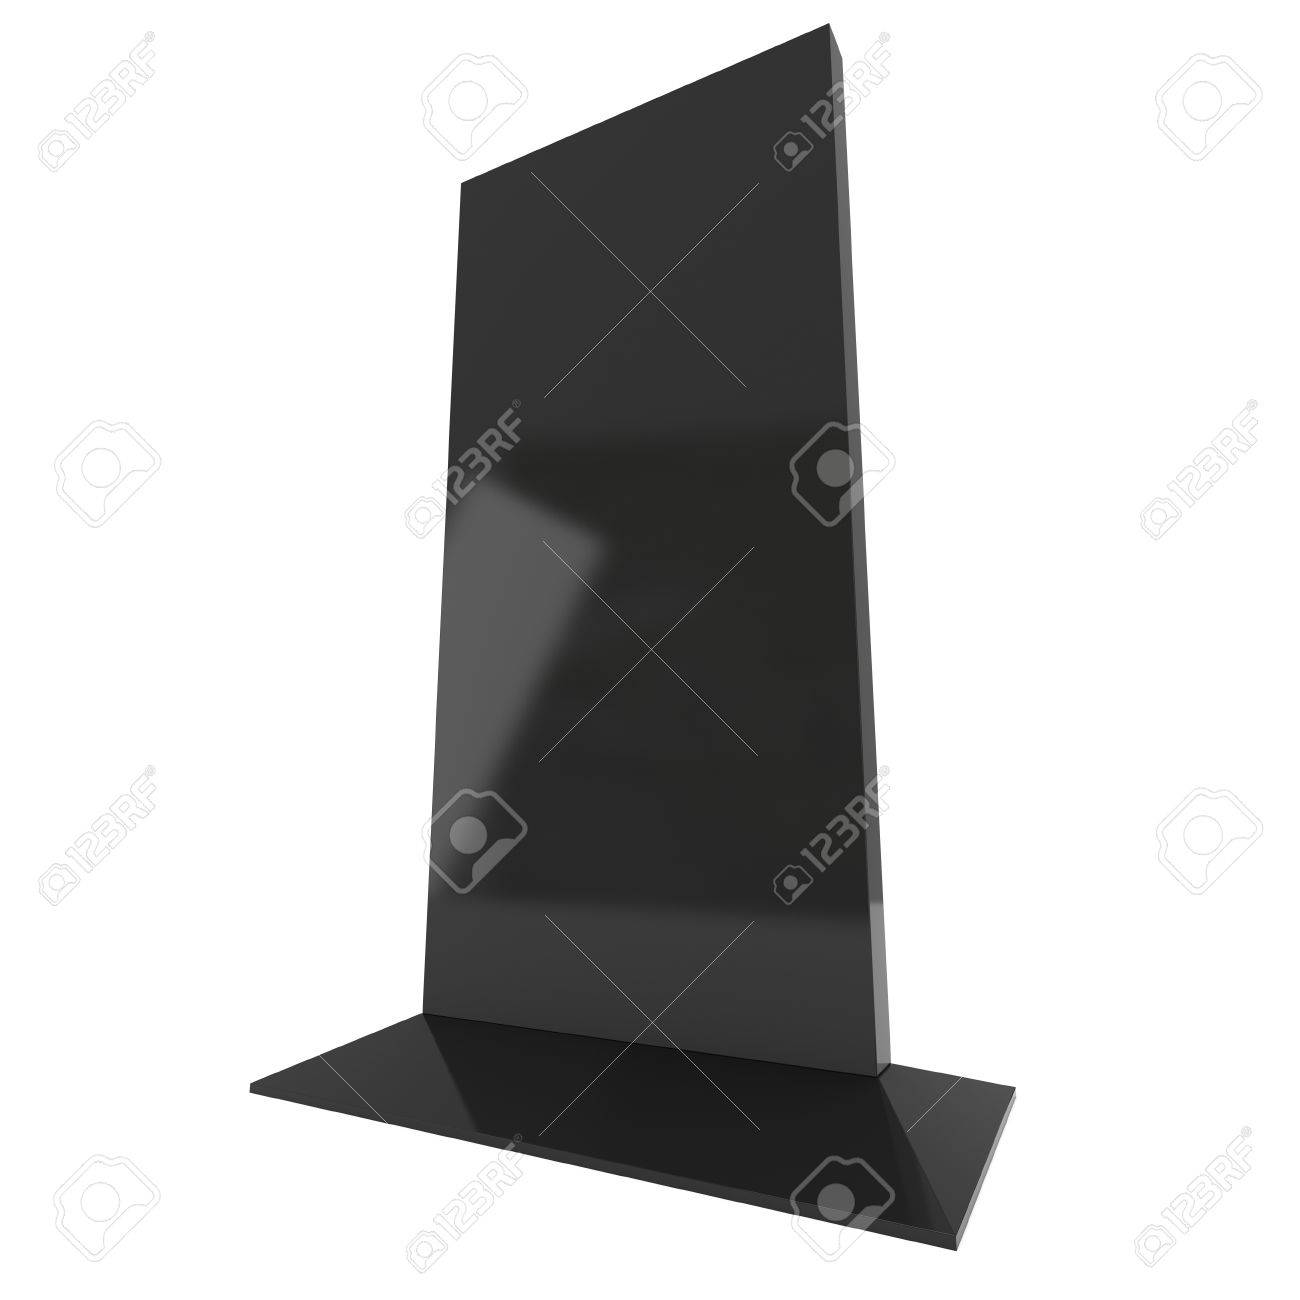 foto de archivo soporte para tv lcd en blanco stand de feria d de lcd tv aislados sobre fondo blanco plantilla de anuncio de alta resolucin para su